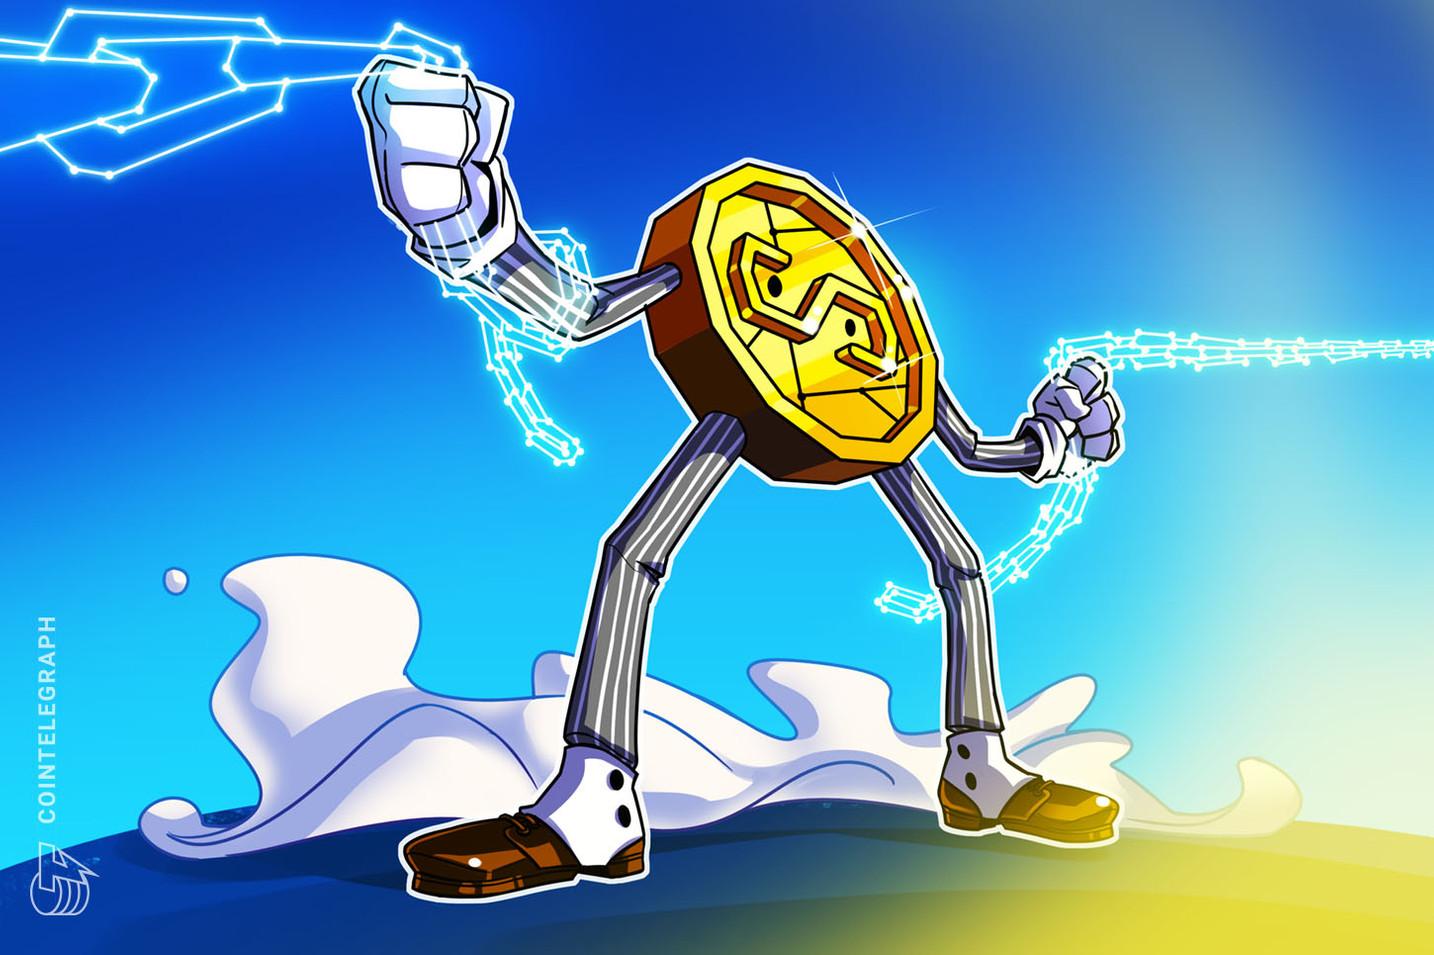 MEGJEGYZÉS: Stablecoin cég Circle, hogy tőzsdére jusson 4.5 milliárd dolláros üres csekken